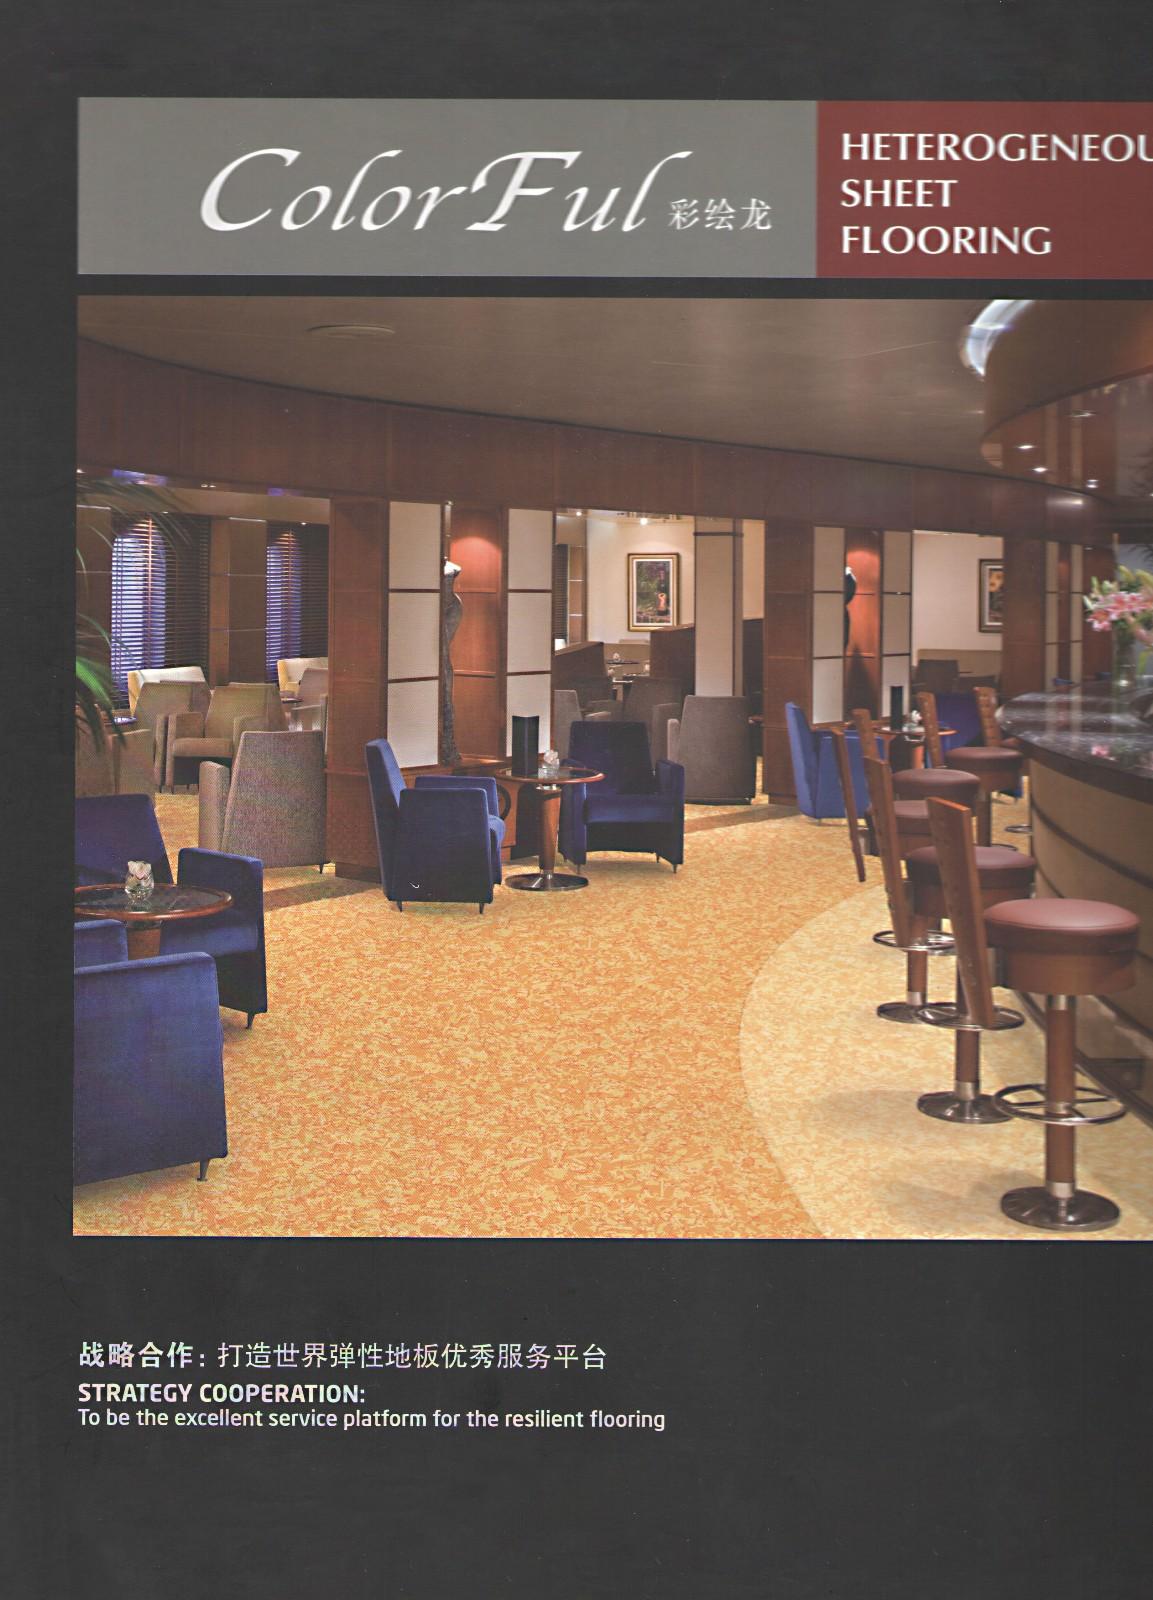 大巨龙彩绘龙PVC地板 大巨龙系列-陕西棋牌挣钱建材有限责任公司